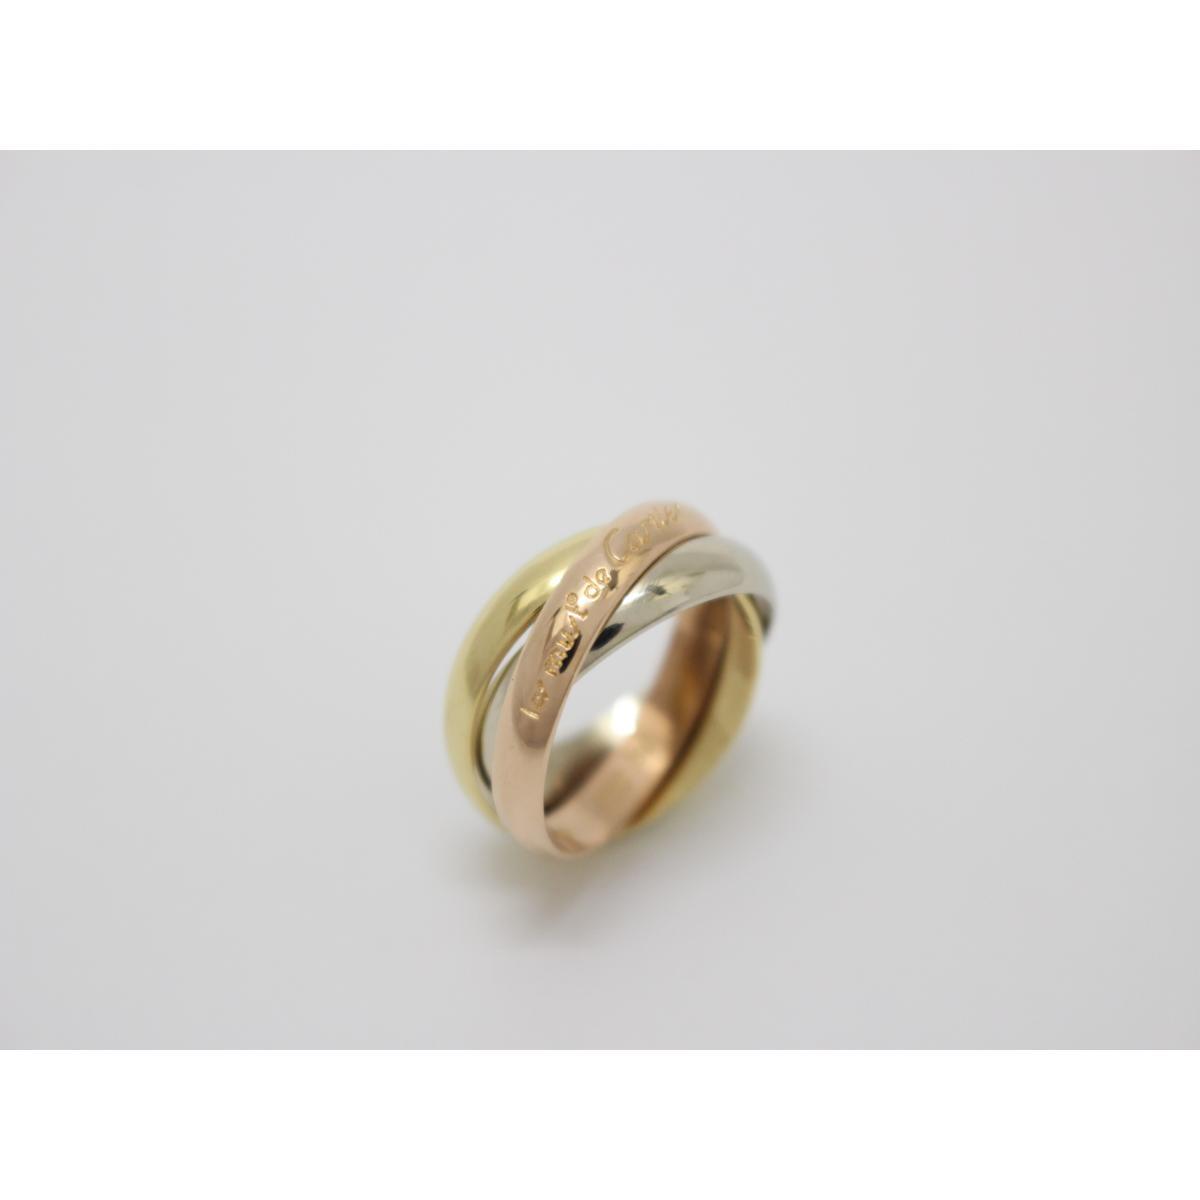 【中古】【送料無料】 カルティエ トリニティリング 指輪 レディース K18YG (750) イエローゴールド × K18WG (750) ホワイトゴールド × K18PG (750) ピンクゴールド イエローゴールド × シルバー × ピンクゴールド | Cartier リング 18K K18 18金 美品 BRANDOFF